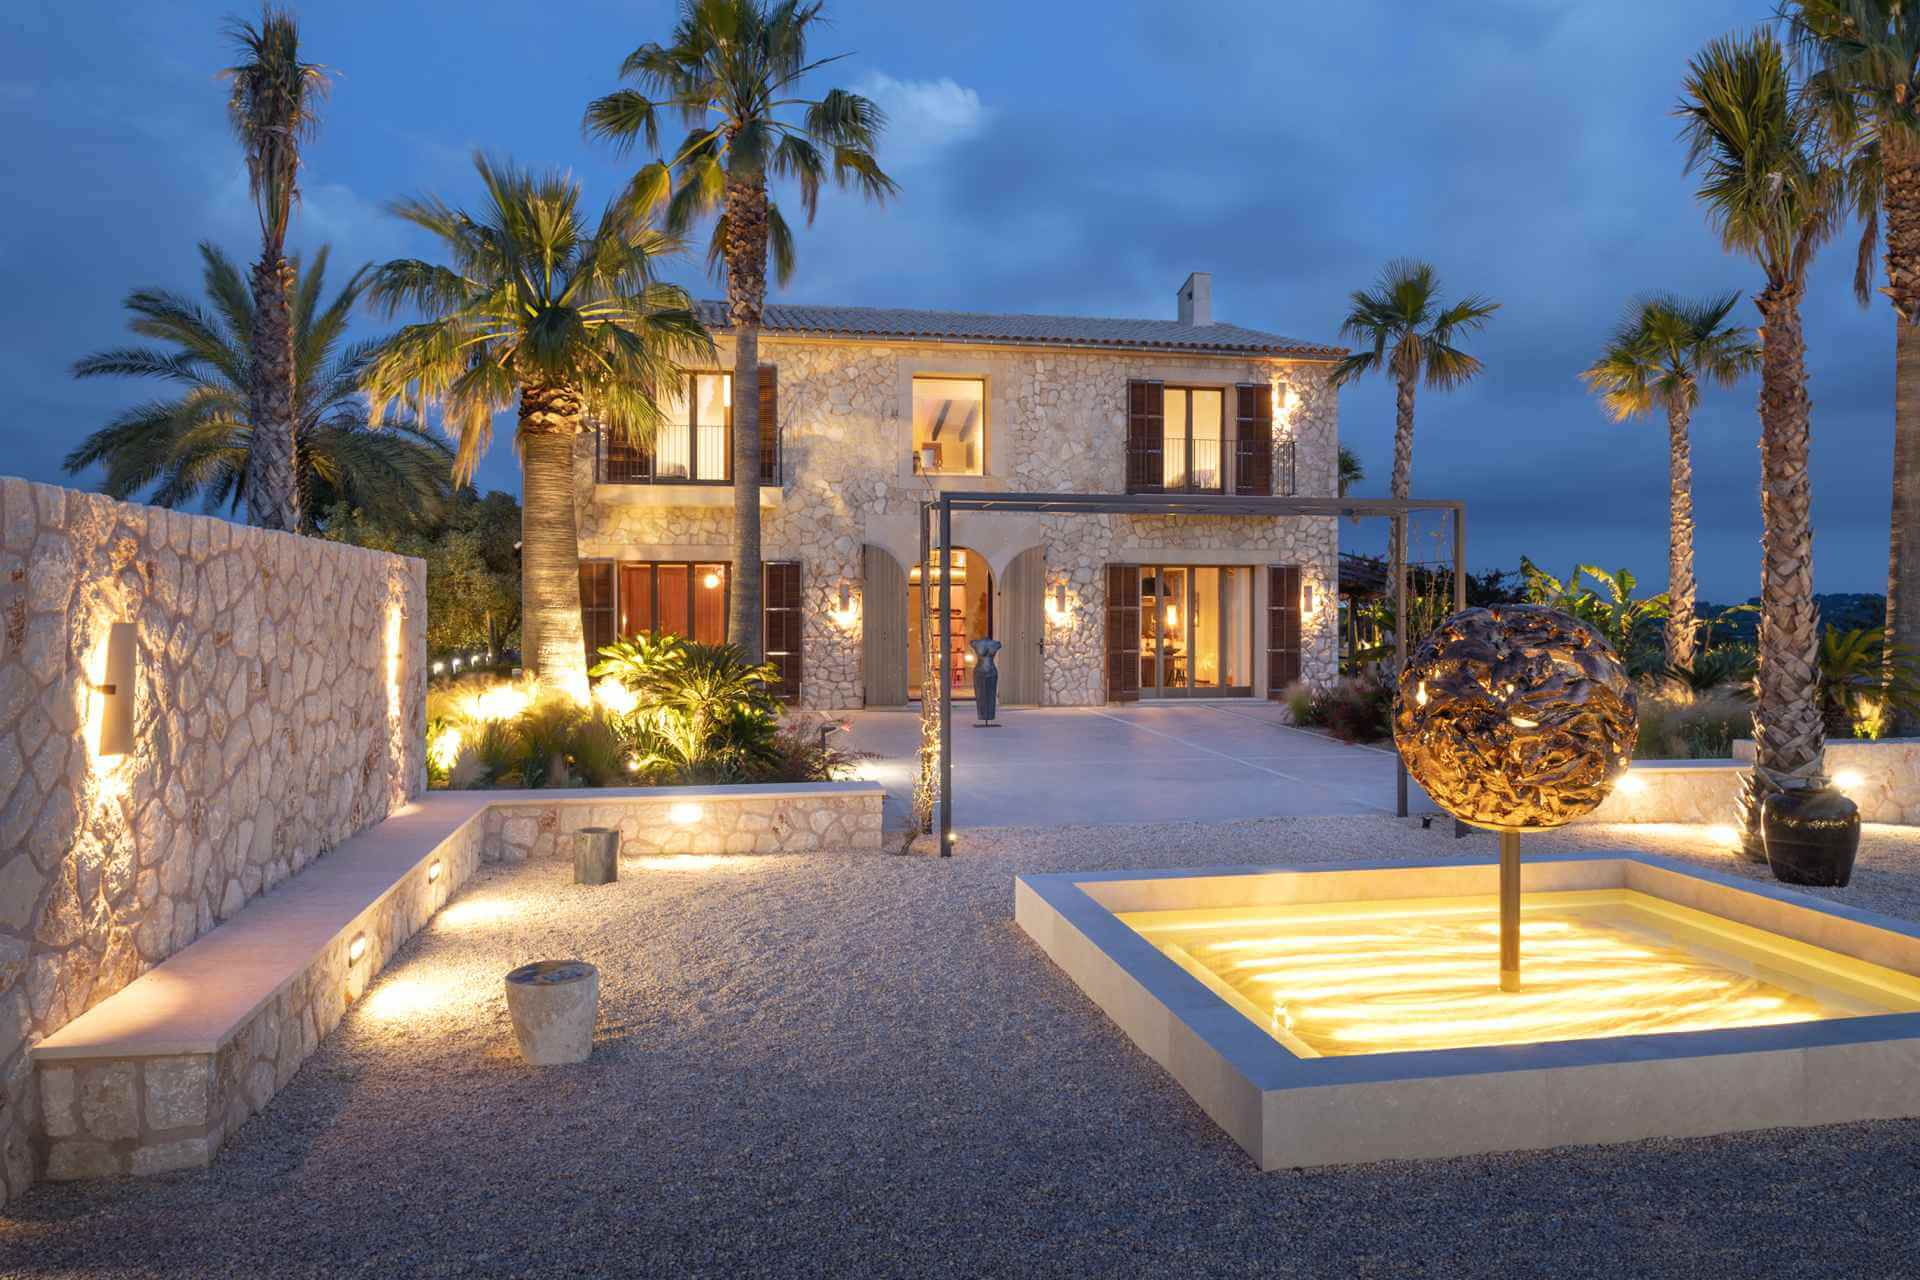 01-354 Luxus Design Finca Mallorca Zentrum Bild 20